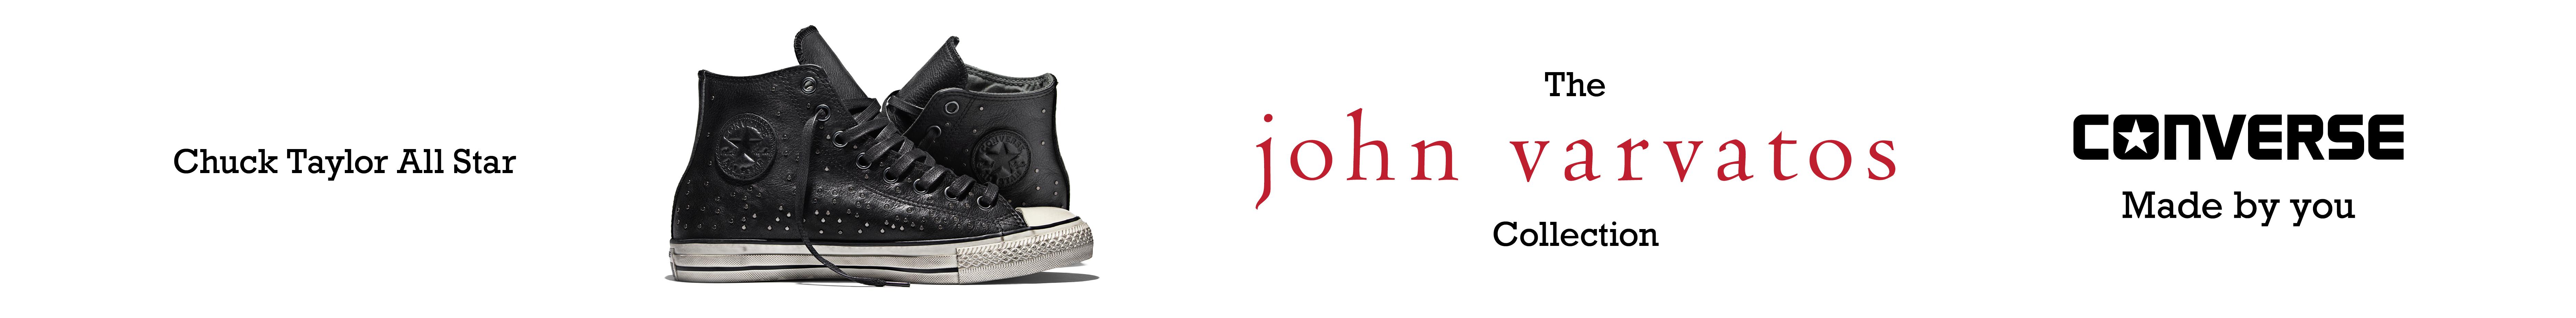 John varvatos Logos.